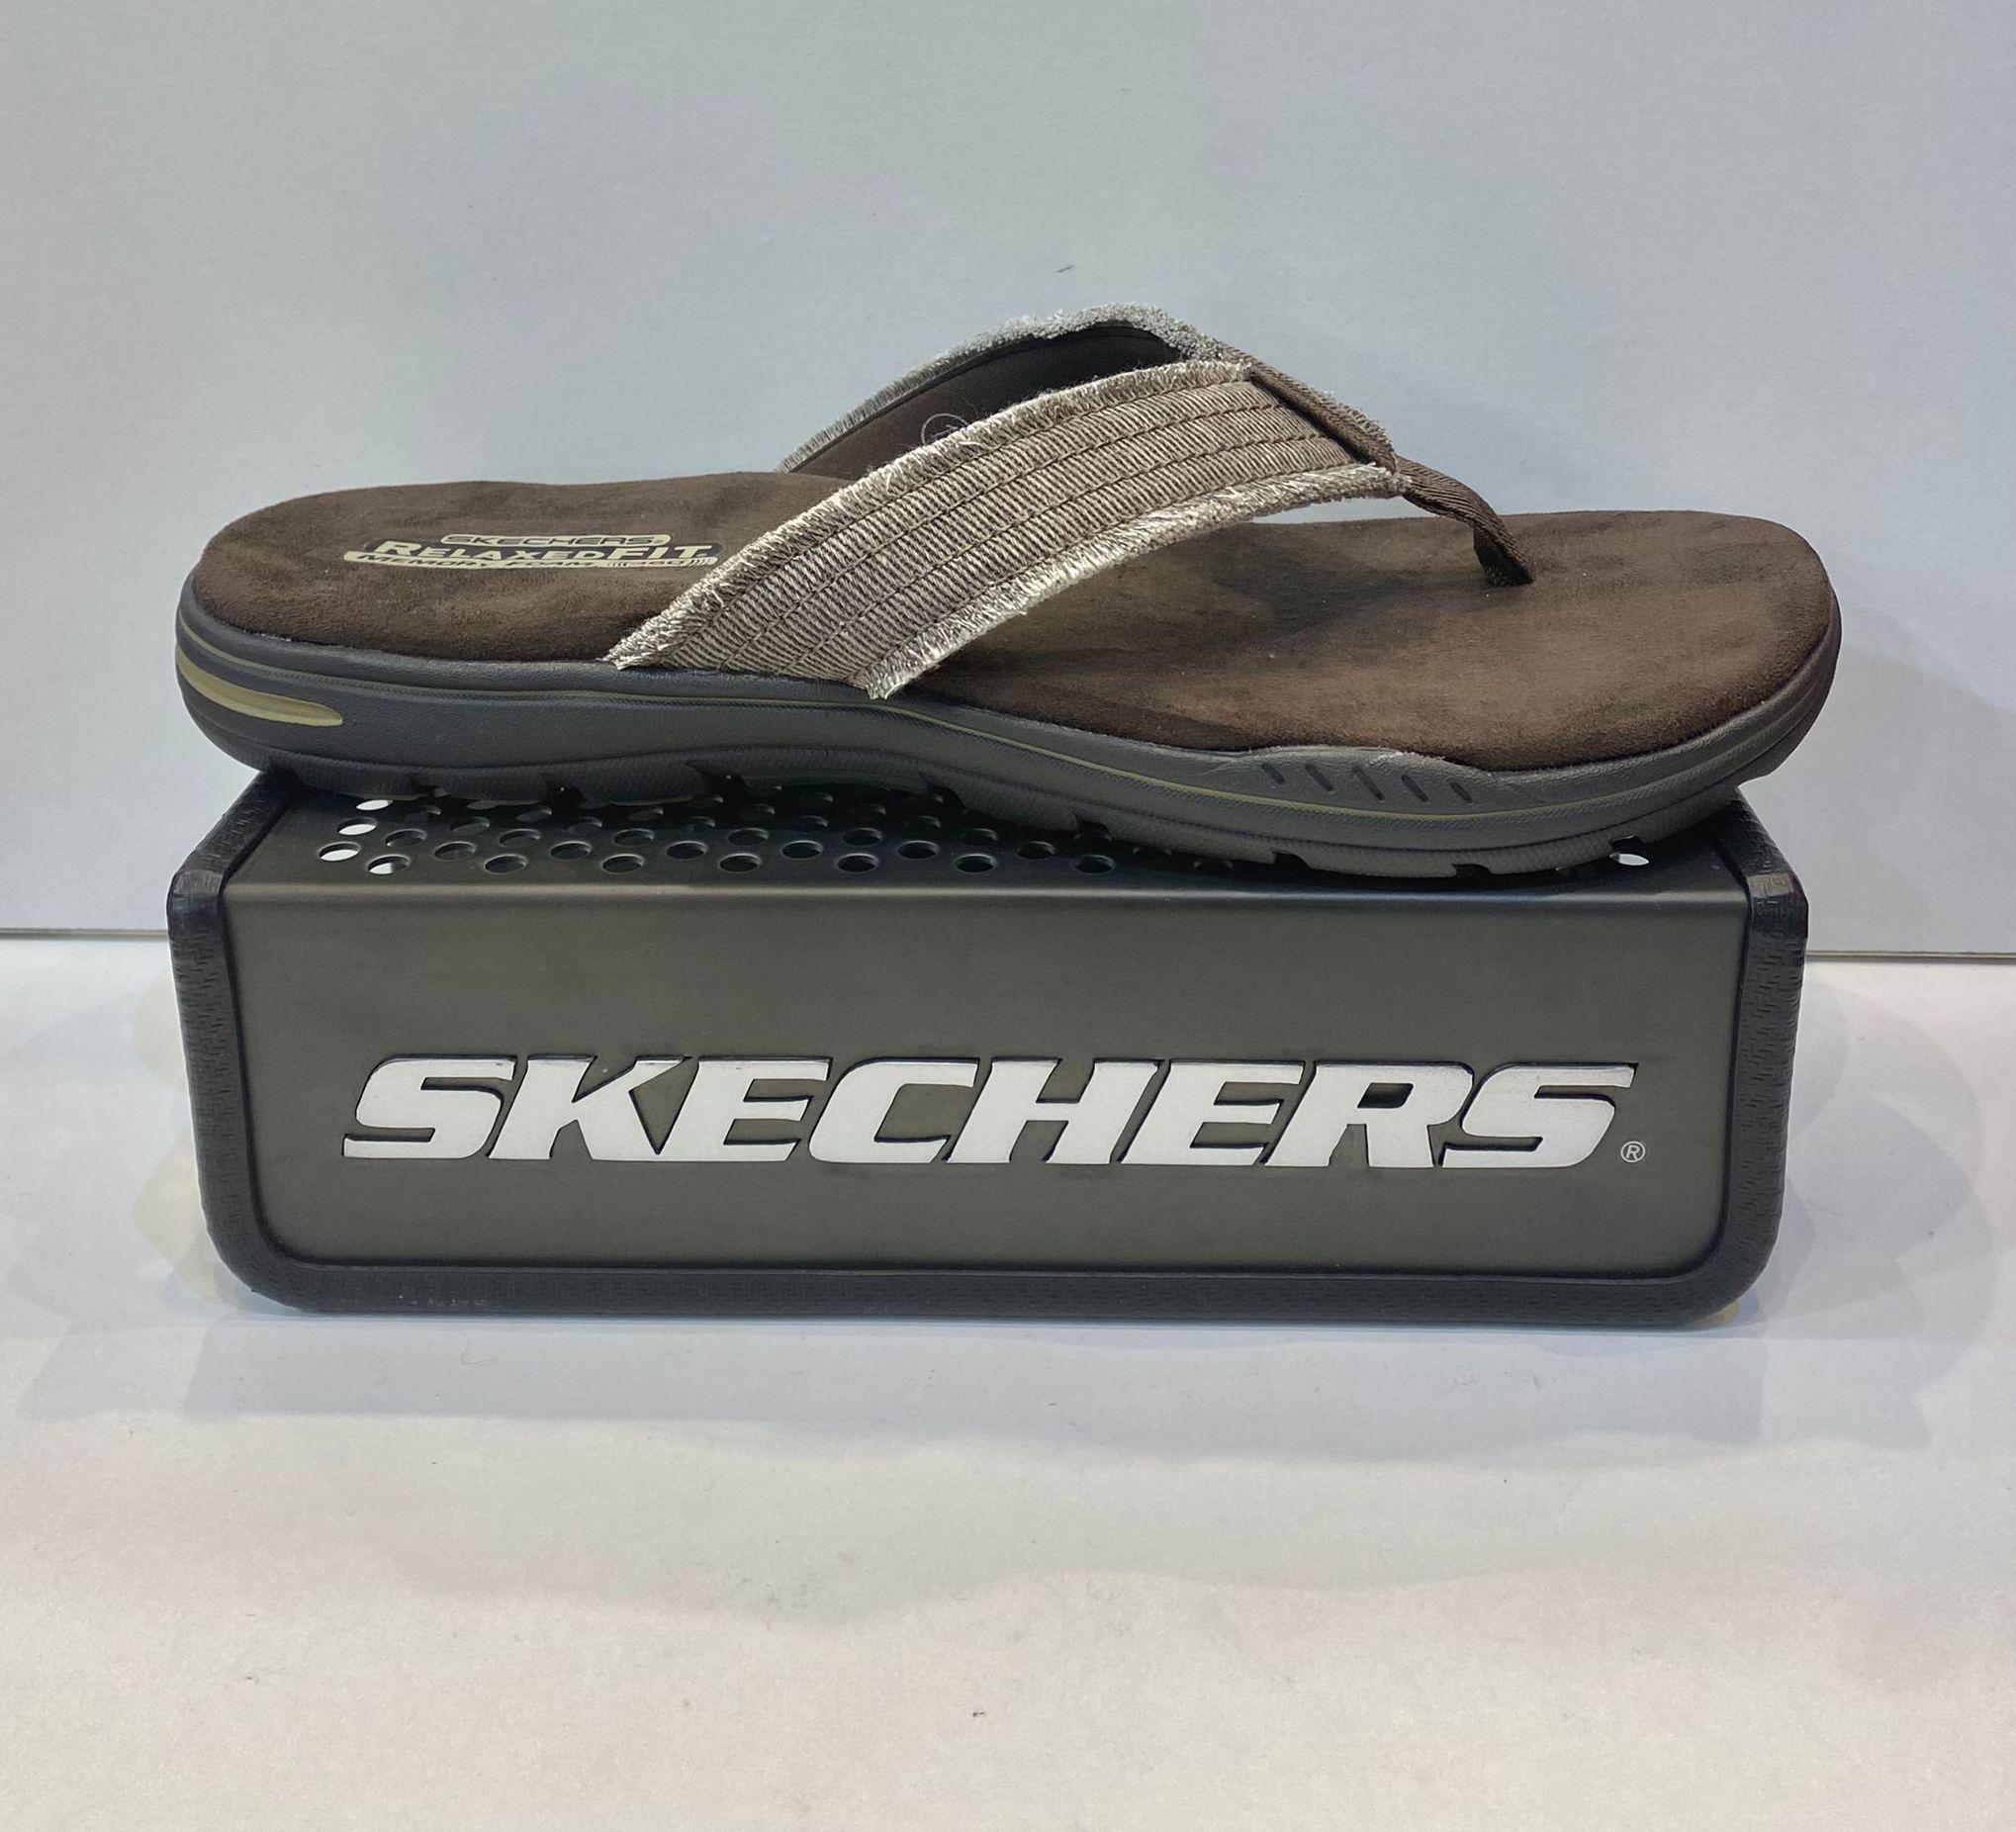 Esclava d'home, de la marca Skechers, amb plantilla Relaxed Fit Memory Foam, sola de resalite combinada amb goma antilliscant 49.95€ www.calzadosllinas.es